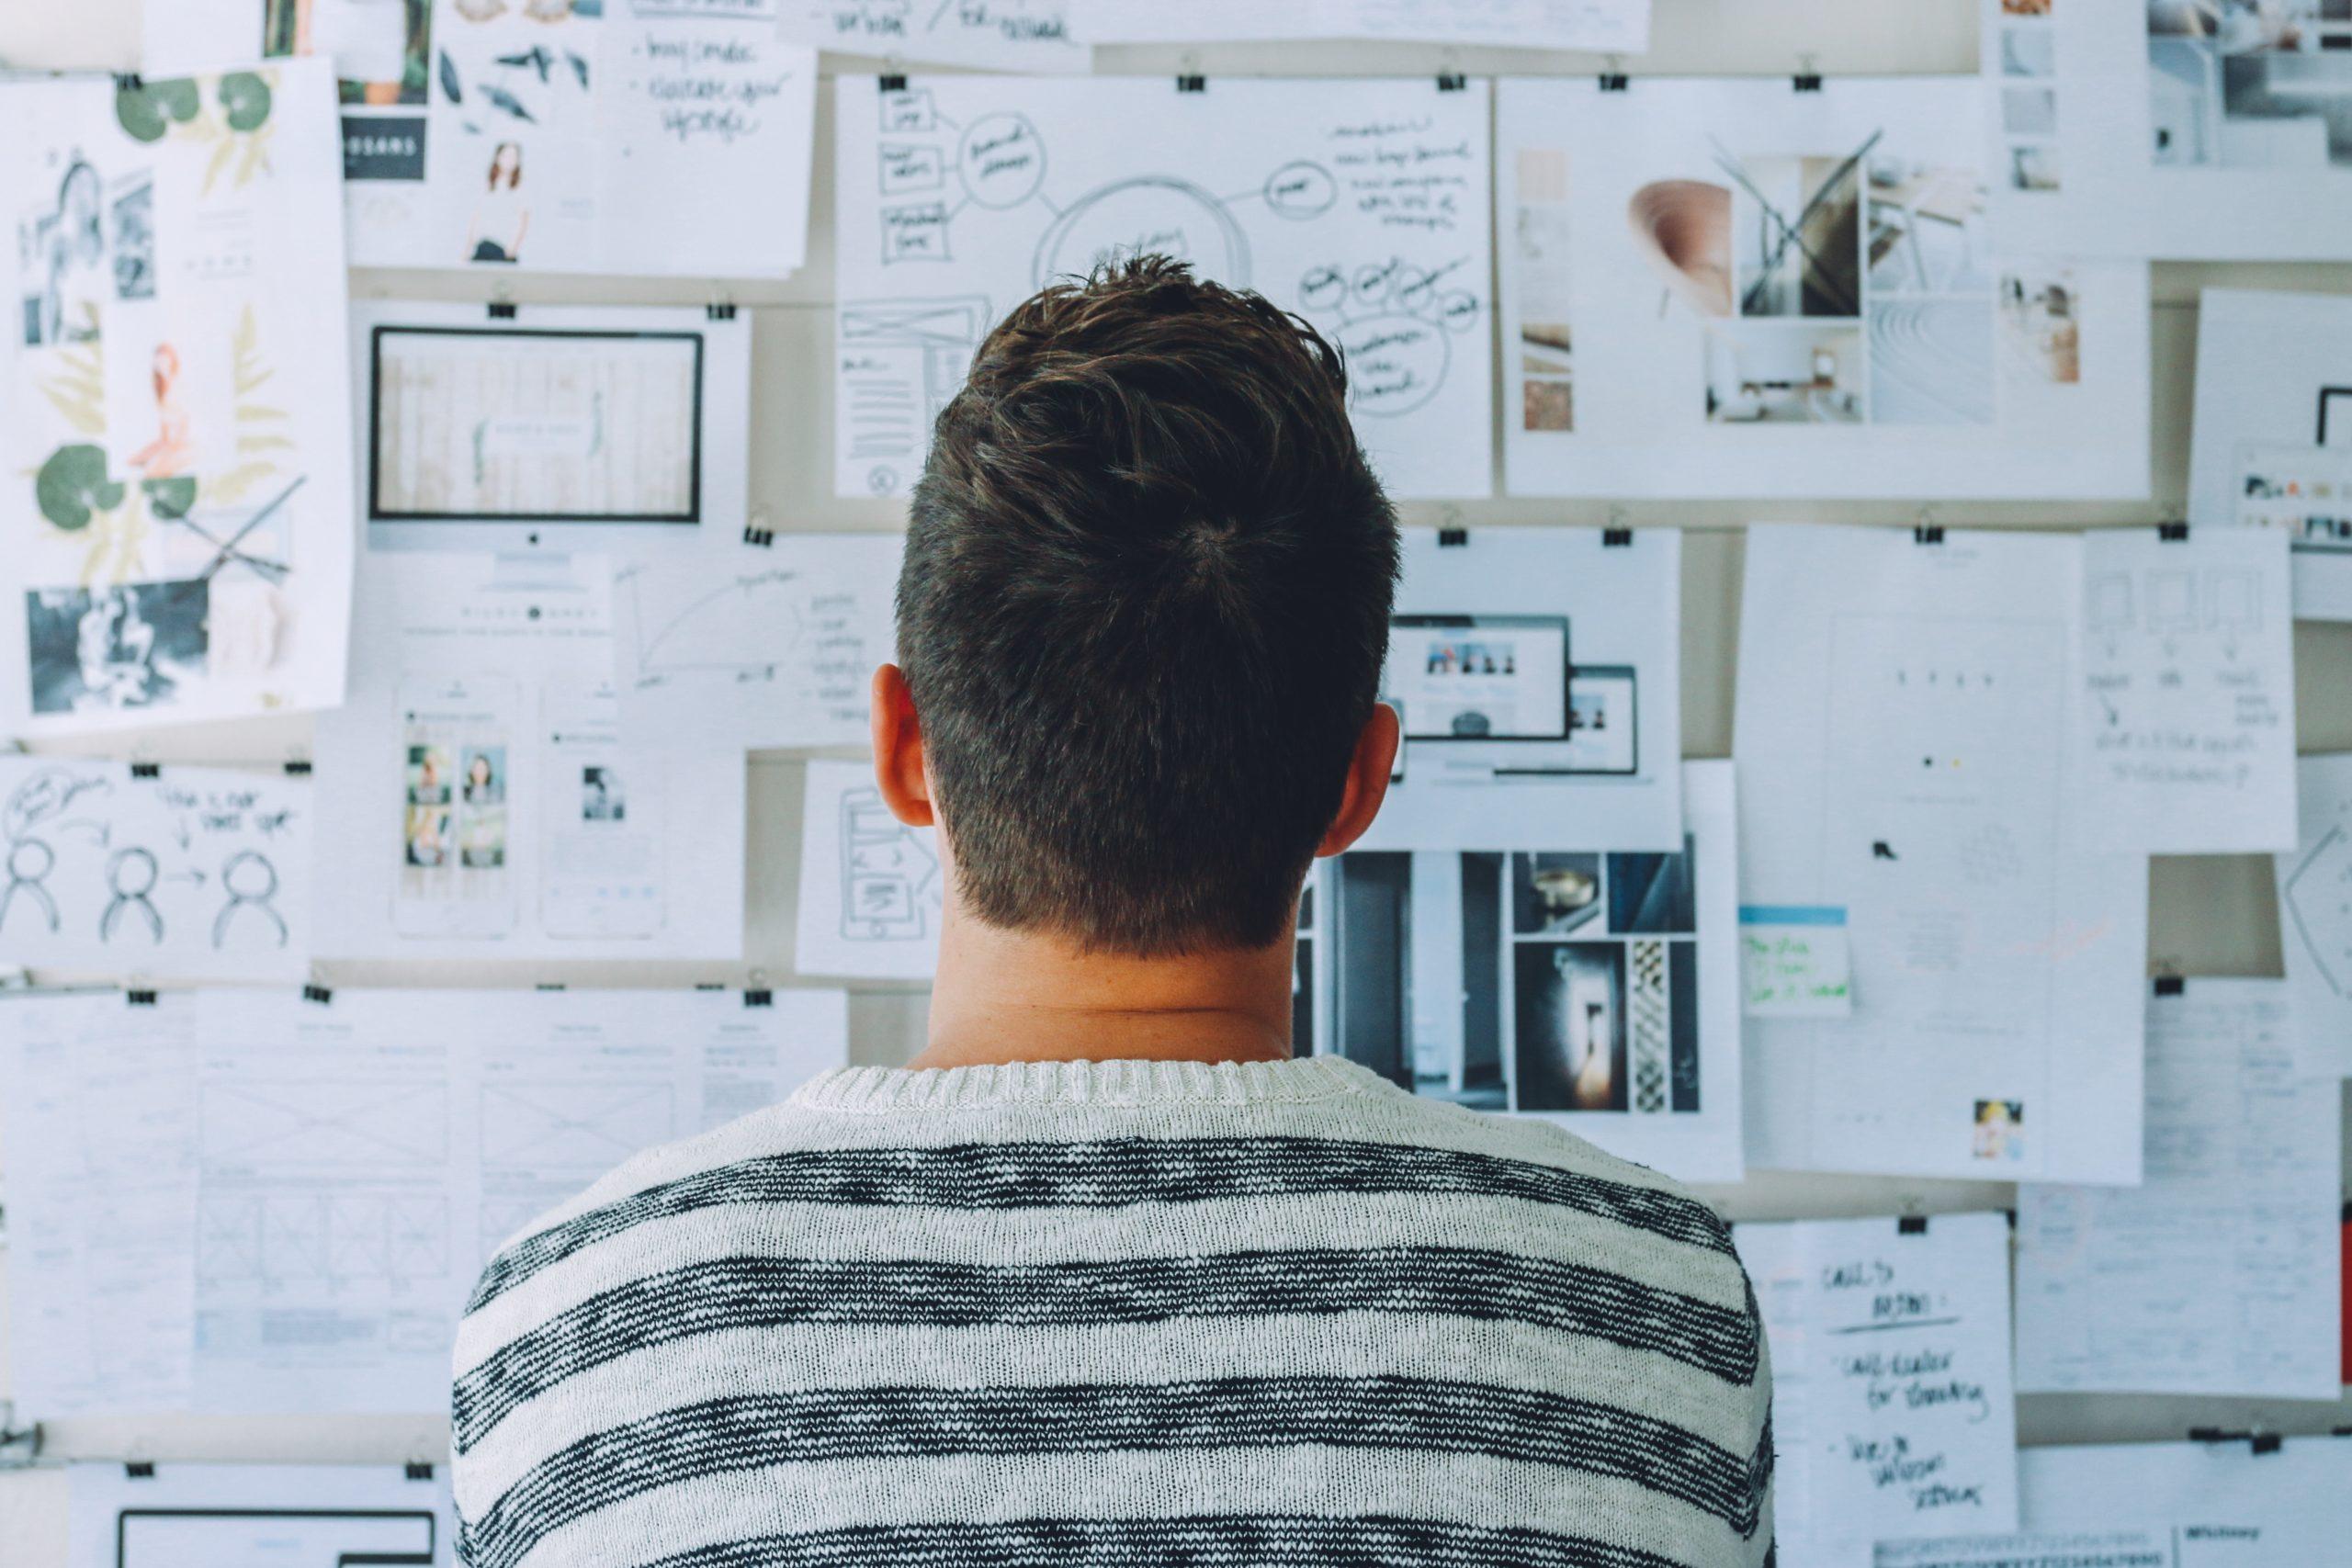 El éxito del design thinking